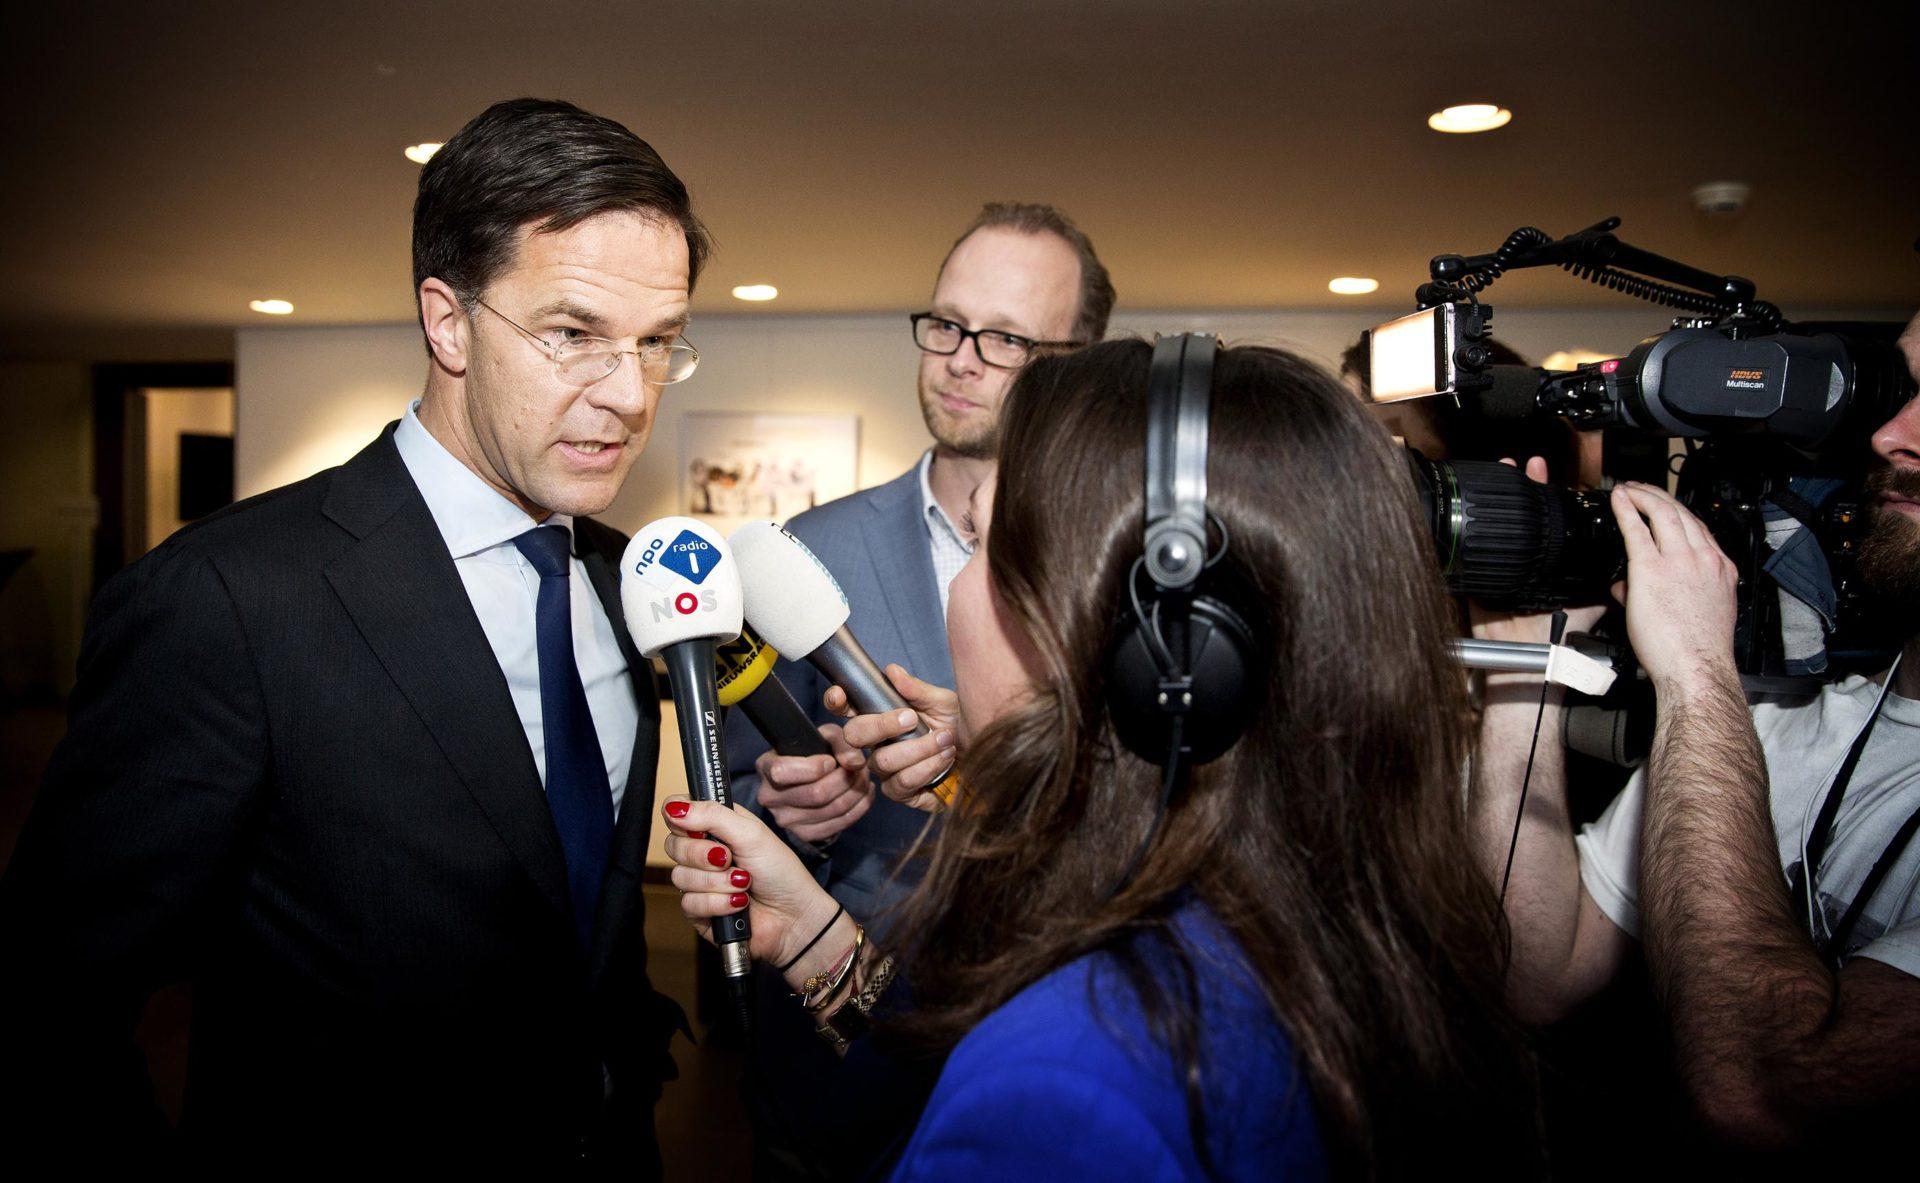 Lijsttrekkersdebat Radio 1 in Nieuwspoort